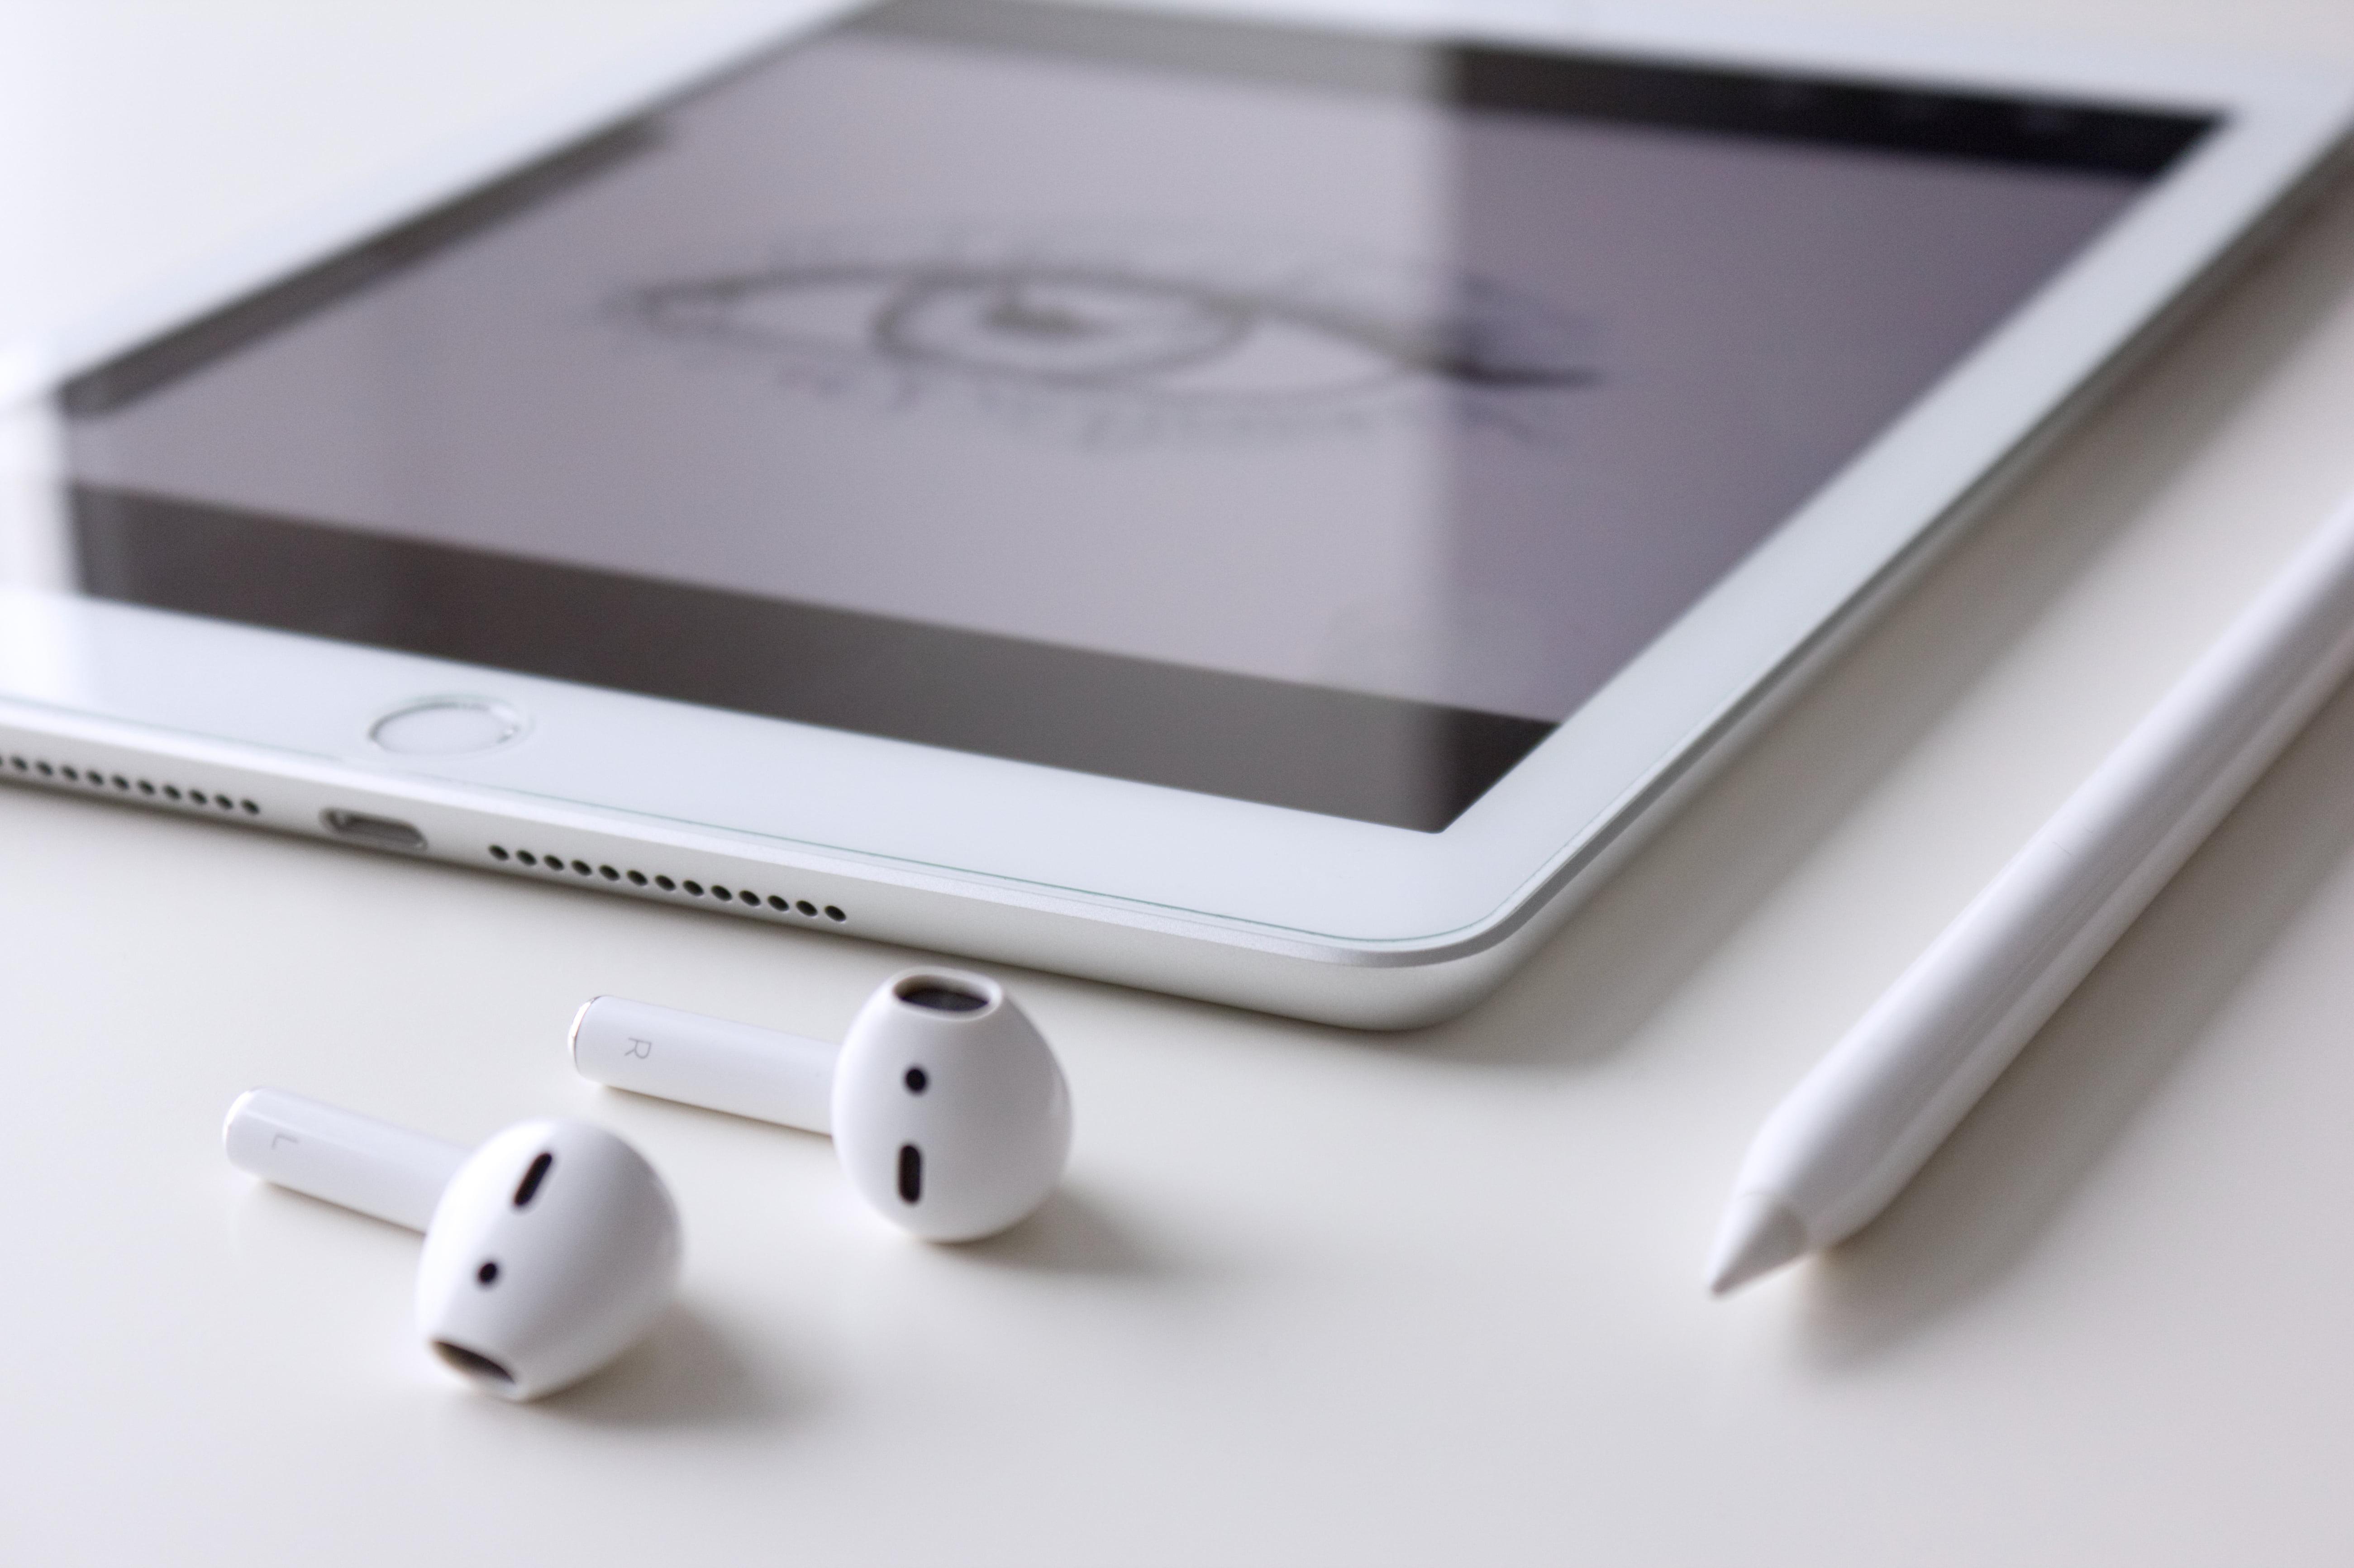 Nowy iPad Air może dostać port USB-C, jednak iPad mini raczej pozostanie przy Lightning